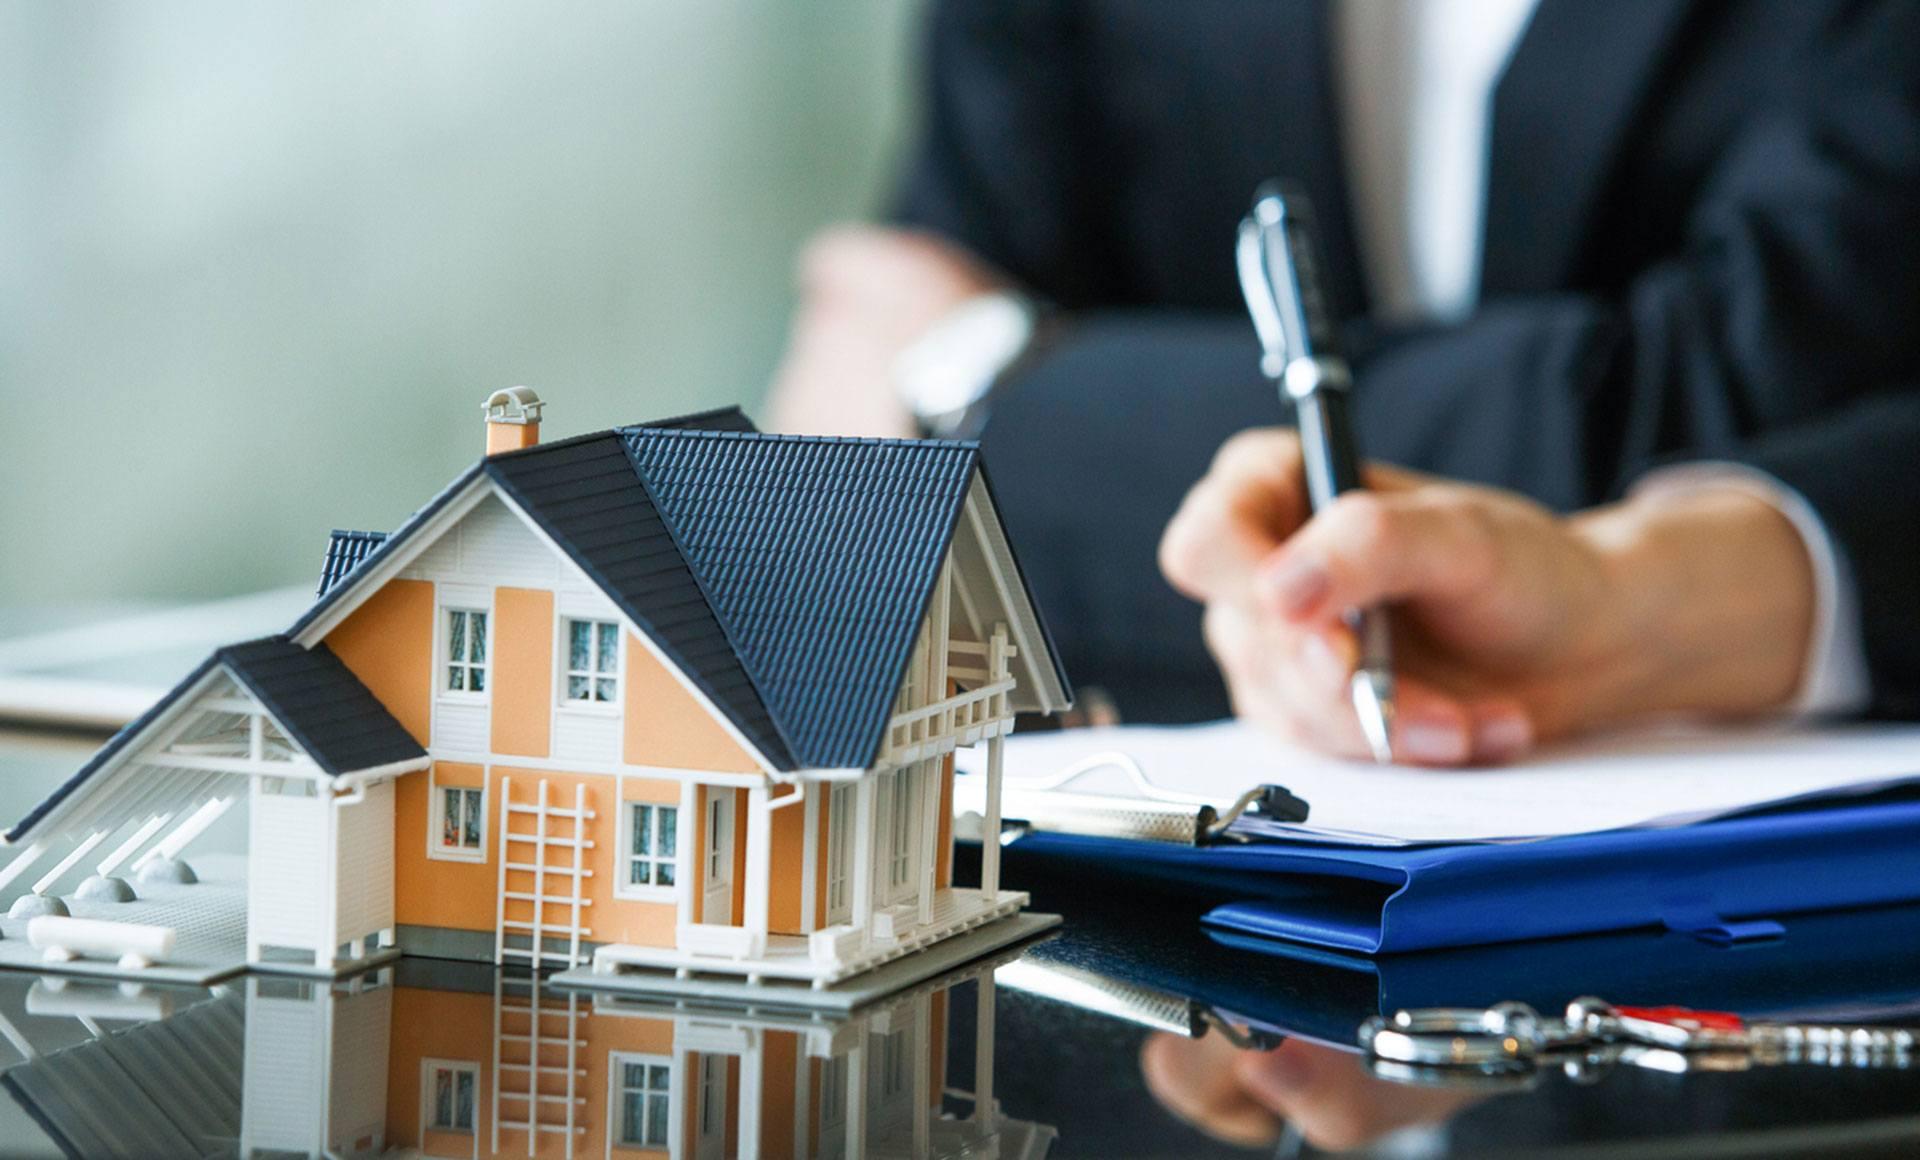 Mejores préstamos para construcción de vivienda | Credimejora